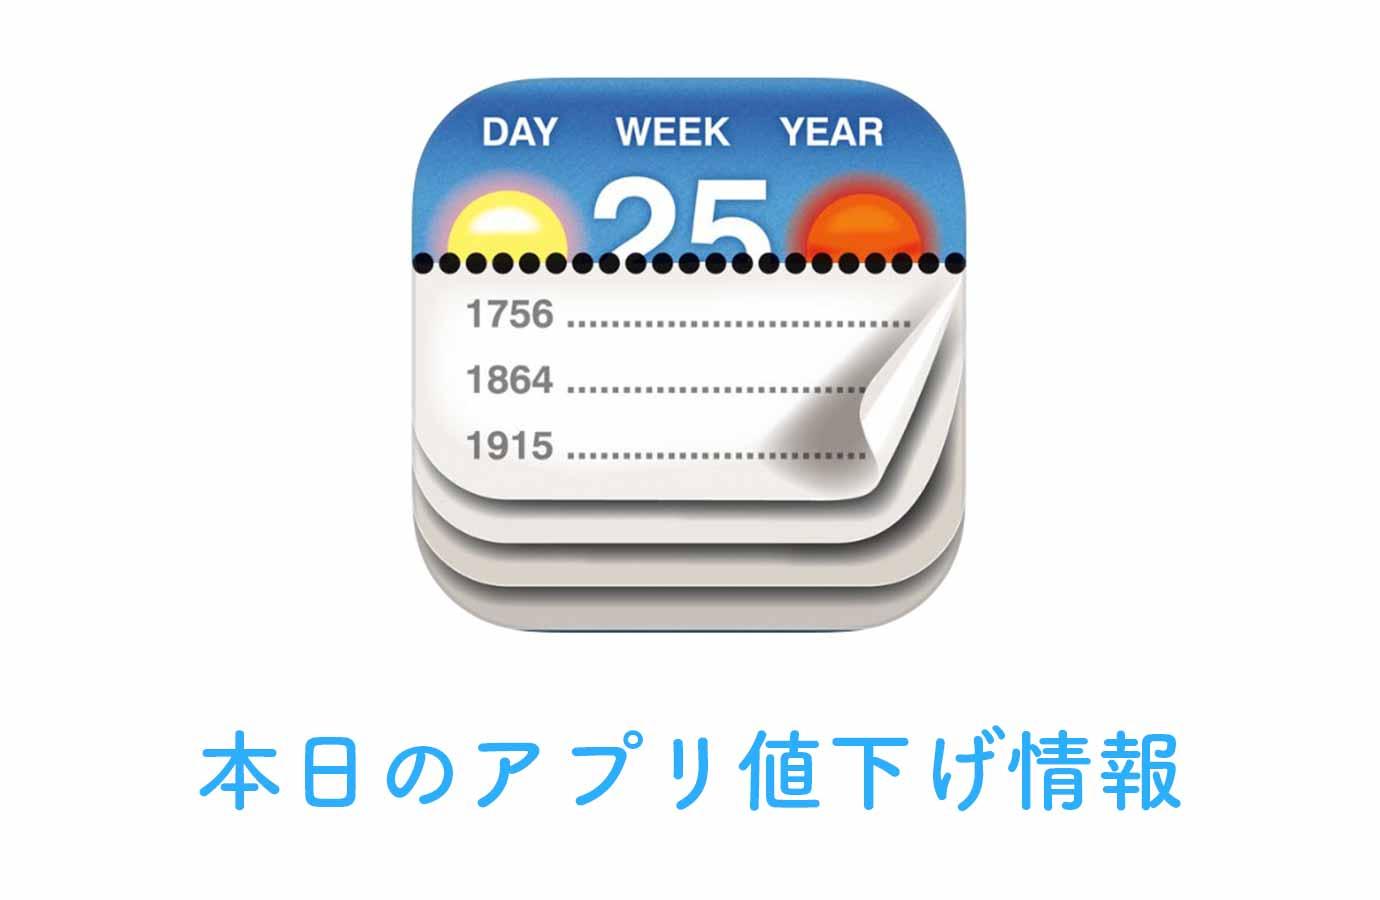 120円→無料!その日に何があったか分かるカレンダーアプリ「Calendarium」など【7/30版】アプリ値下げ情報